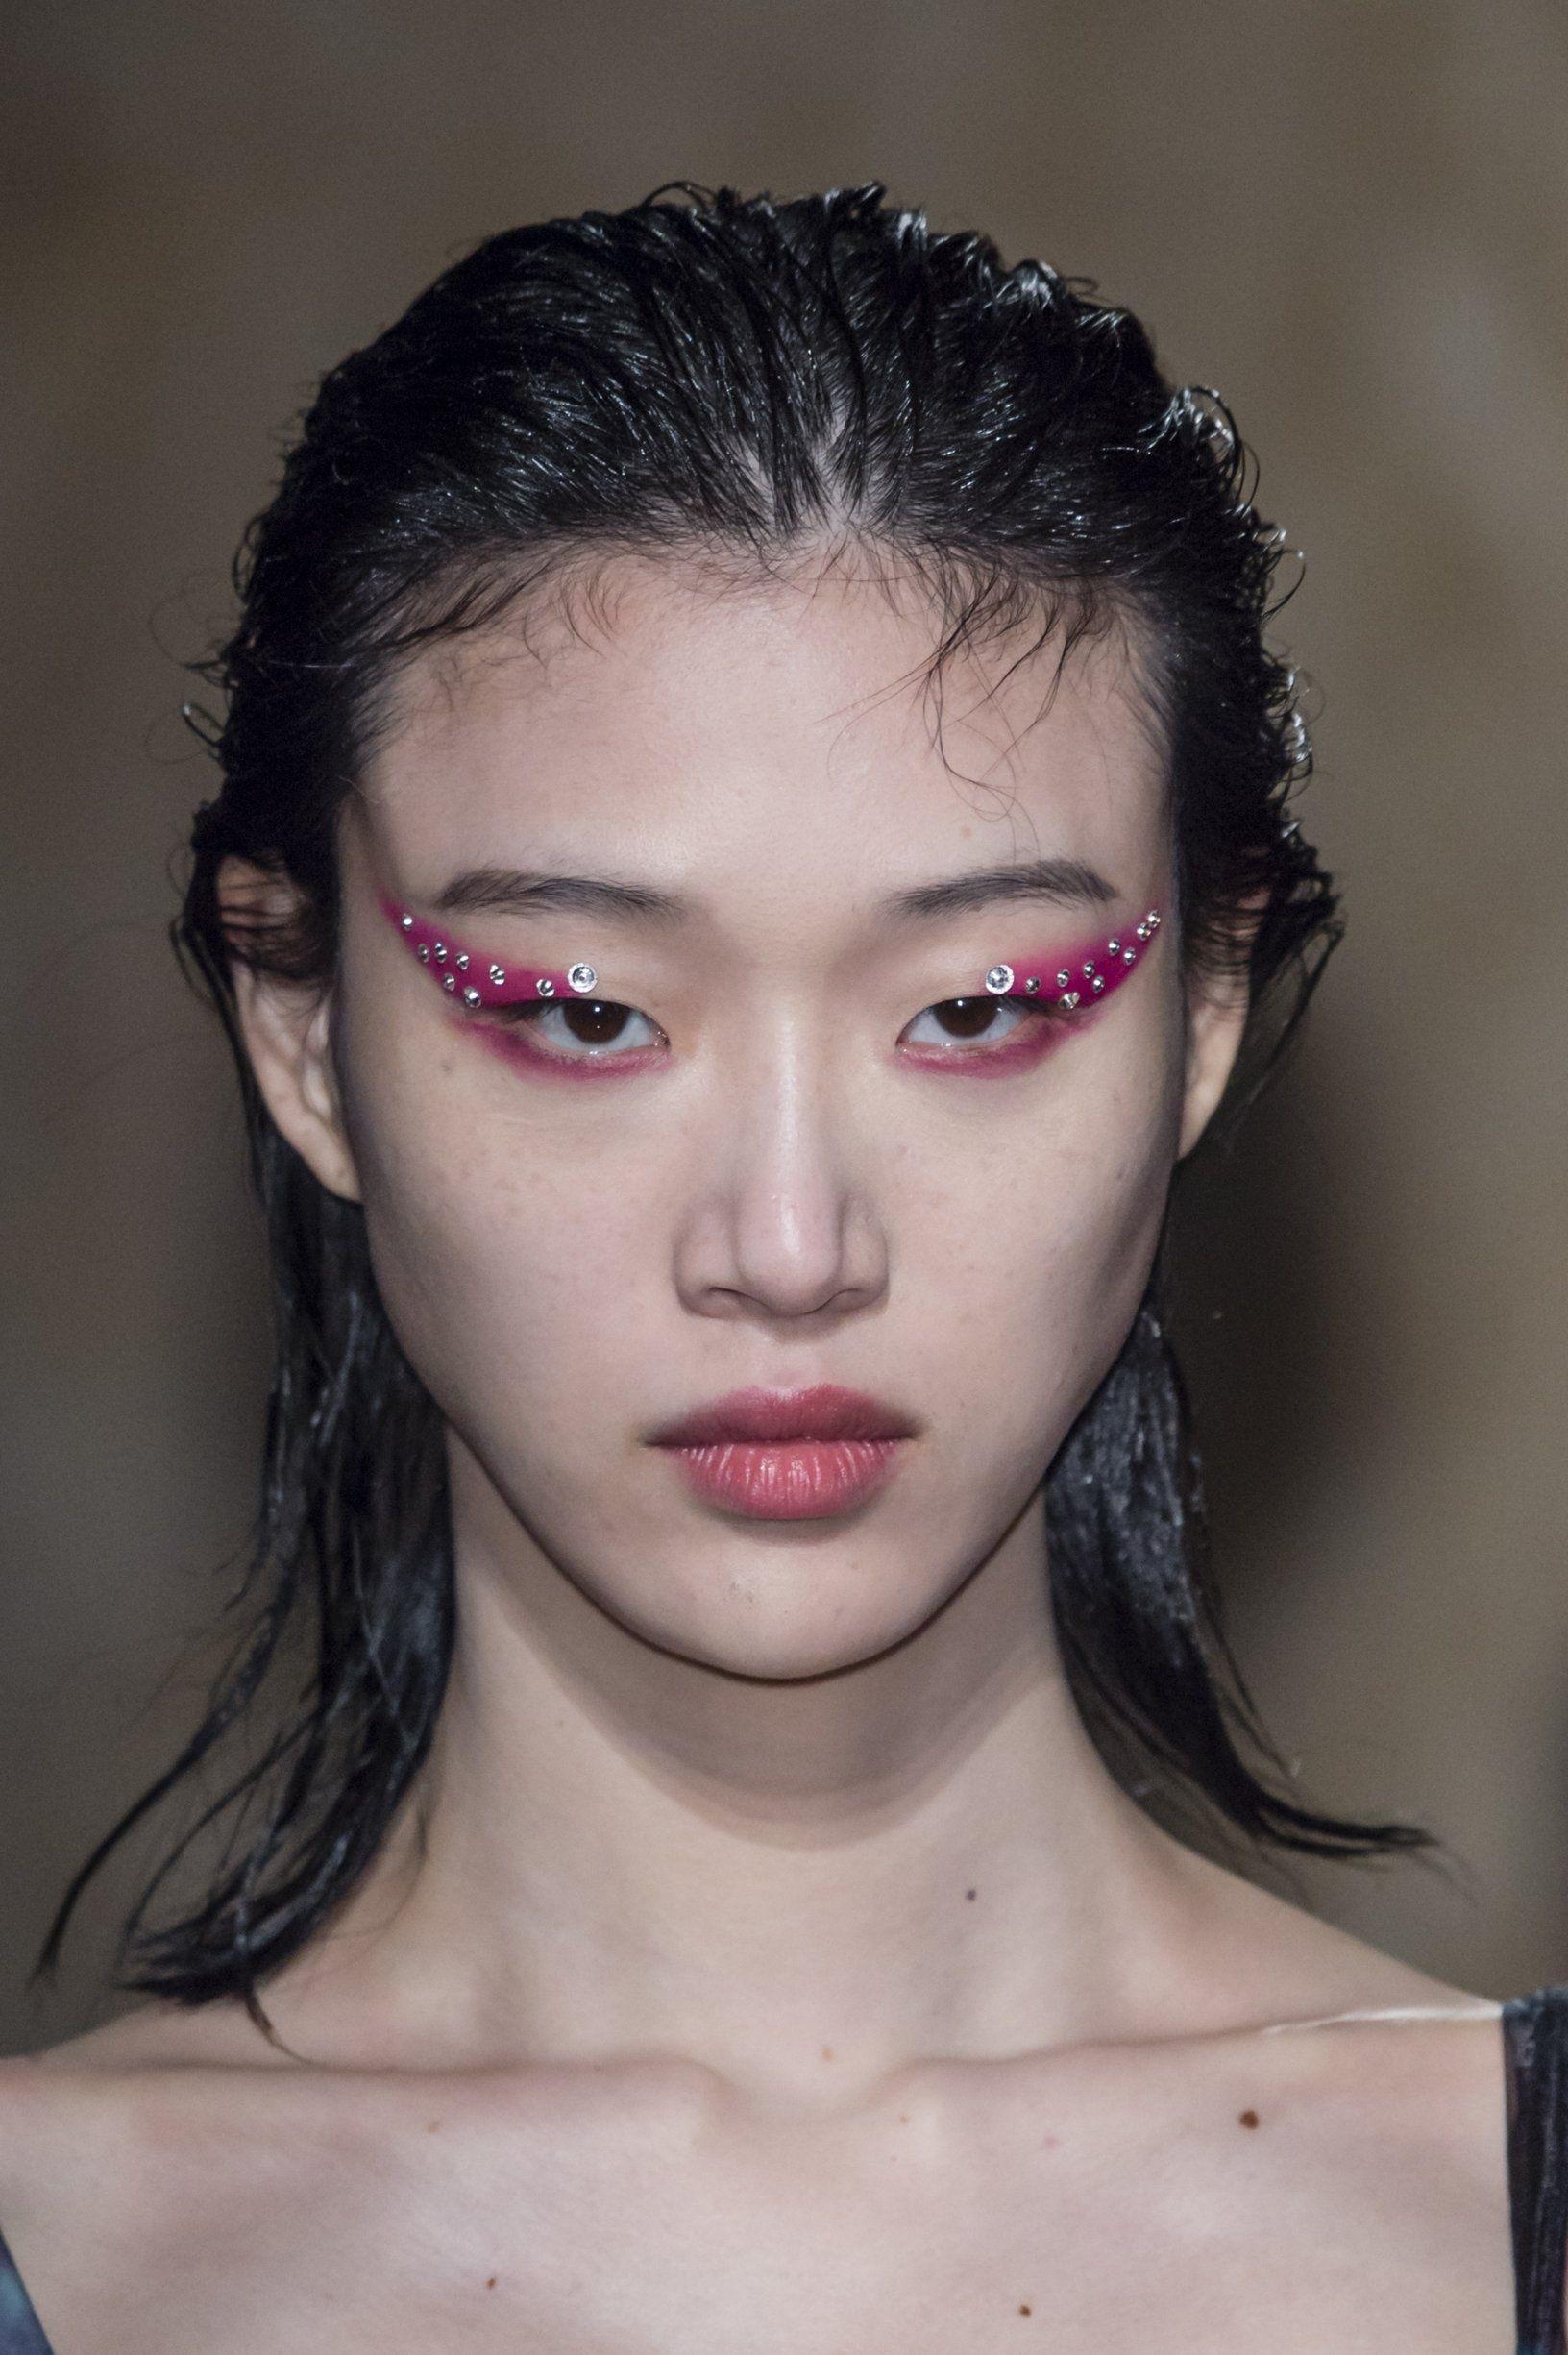 Inspiration maquillage : Les tendances Automne Hiver 2013